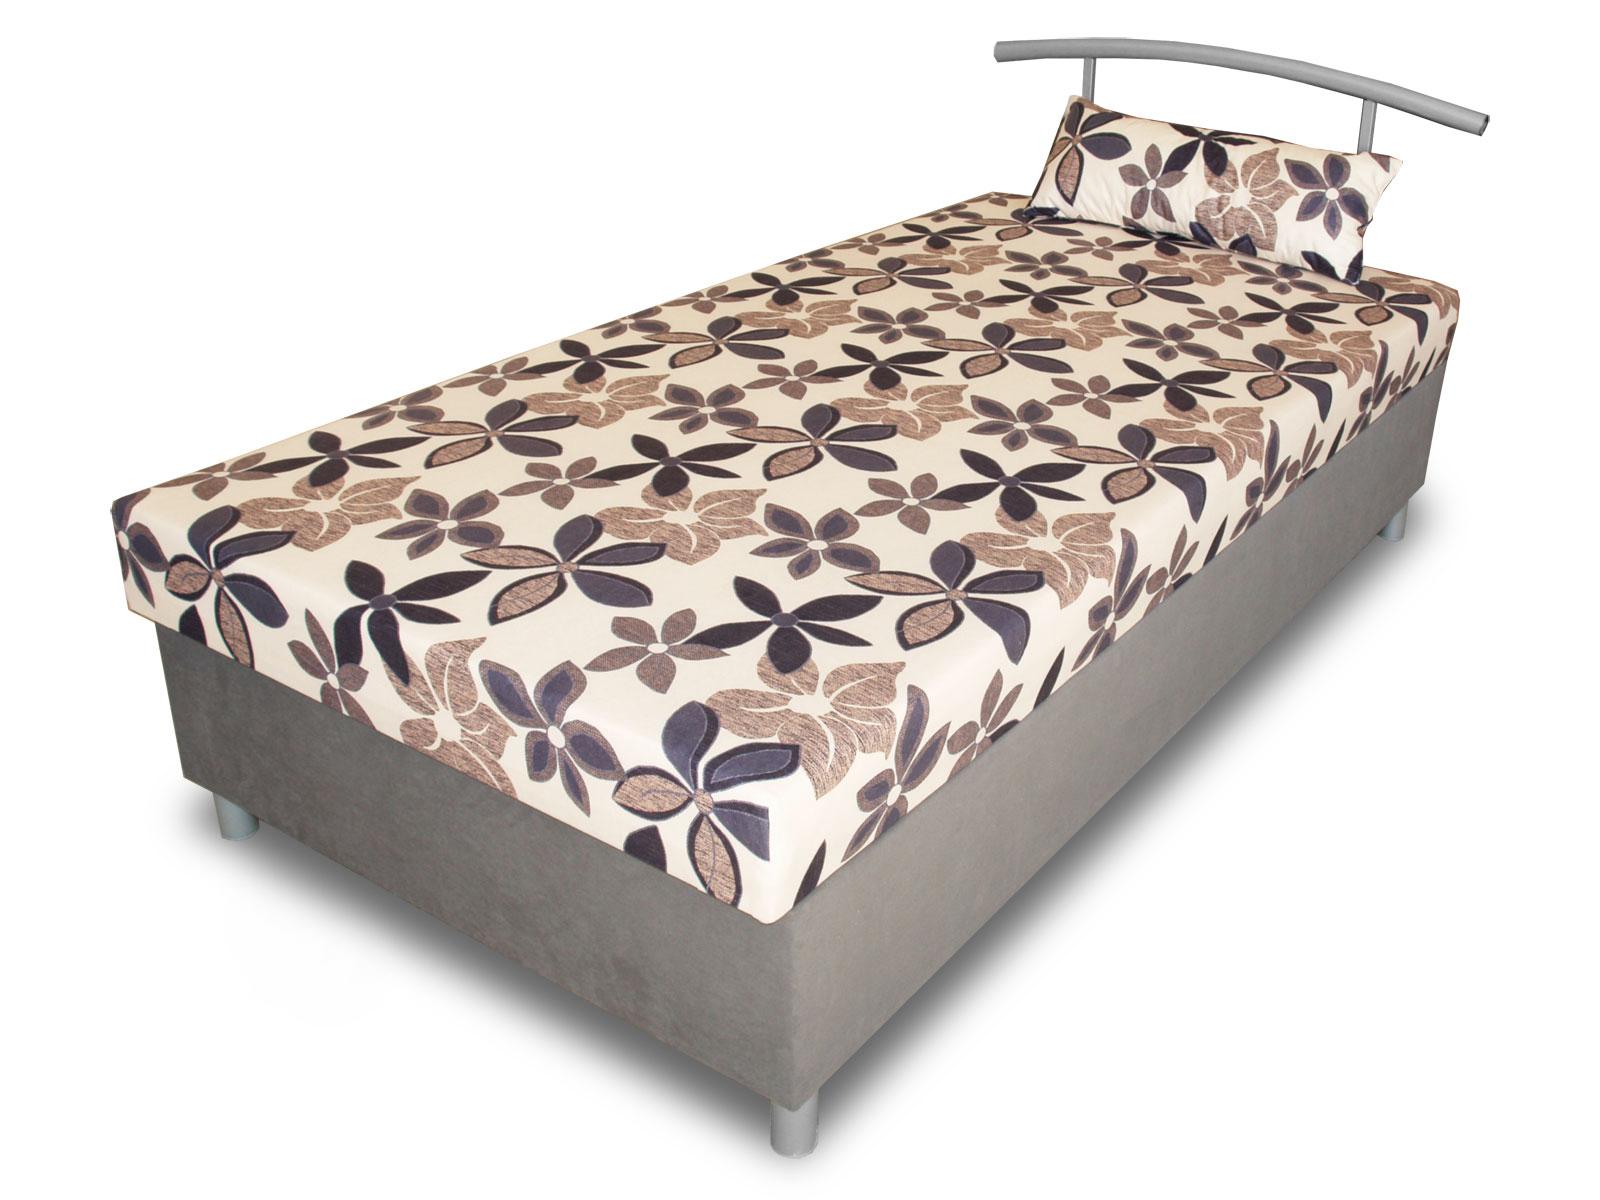 Jednolůžková postel (válenda) 100 cm - Benab - Elson 100 (s roštem, matracem a snímatelný polštářem)